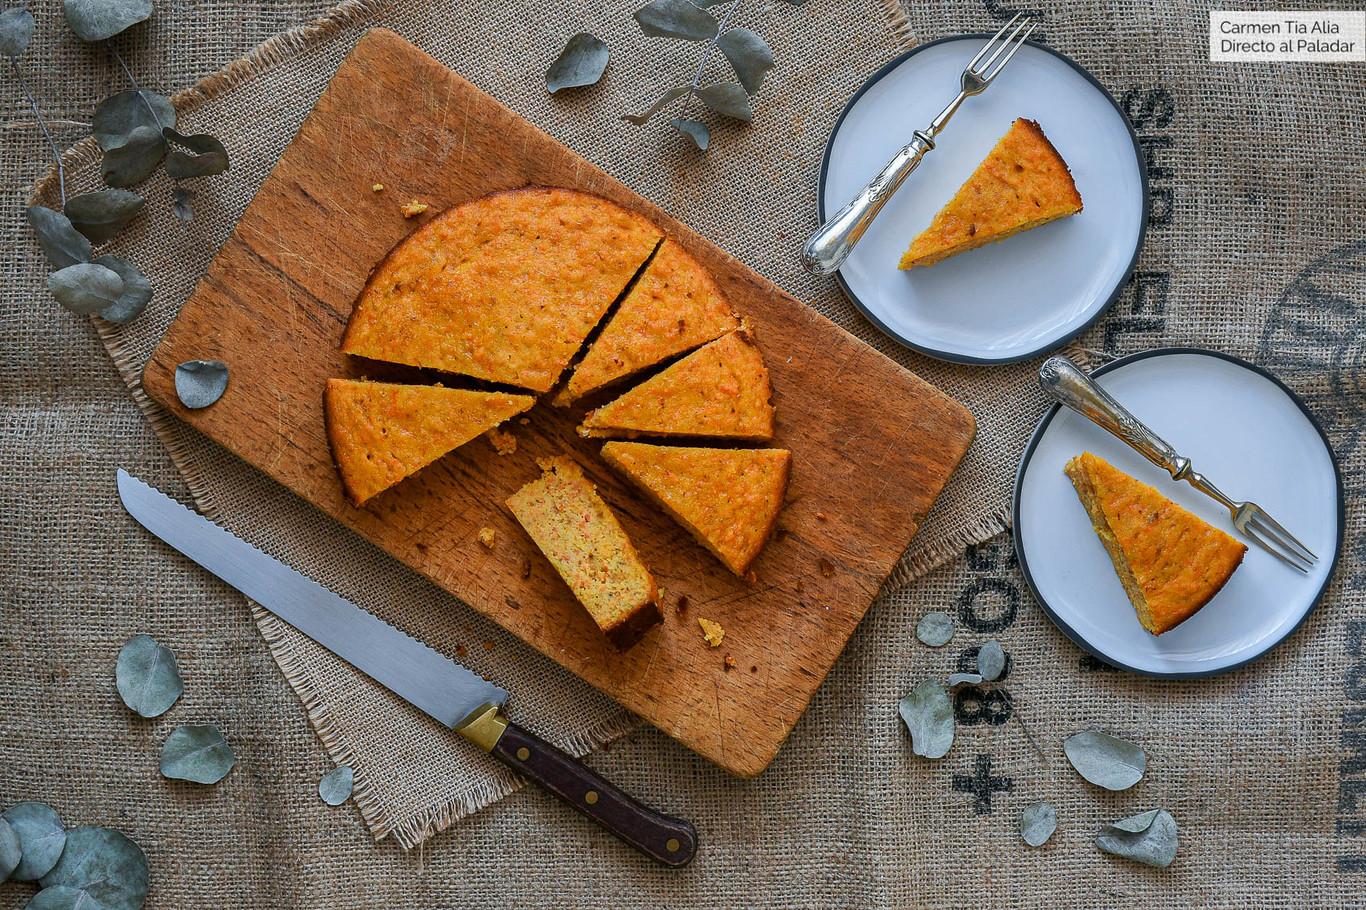 Bizcocho De Zanahoria De Eva Arguiñano Receta De Cocina Fácil Sencilla Y Deliciosa